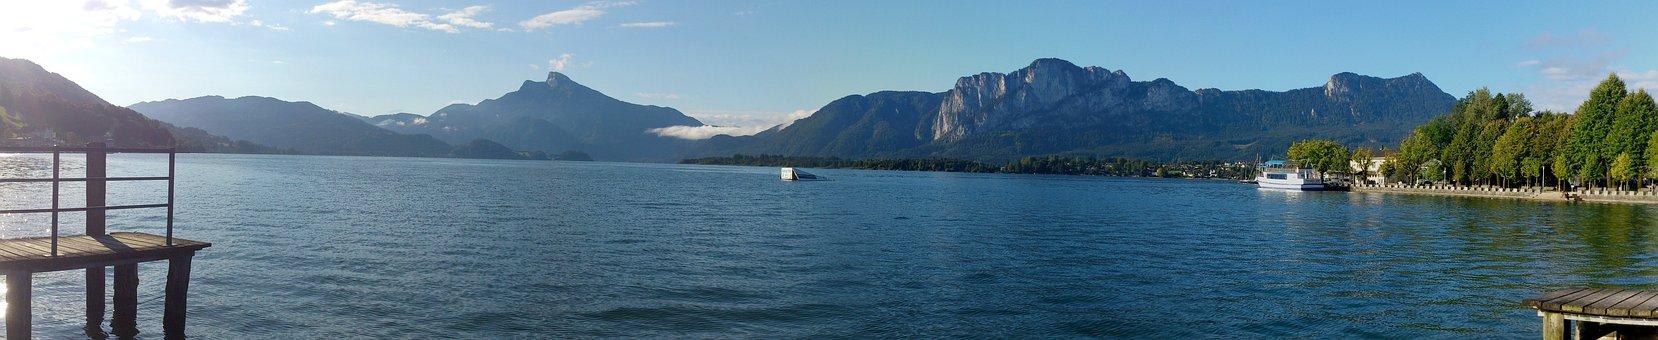 Monsee, Upper Austria, Austria, Lake, Salzkammergut